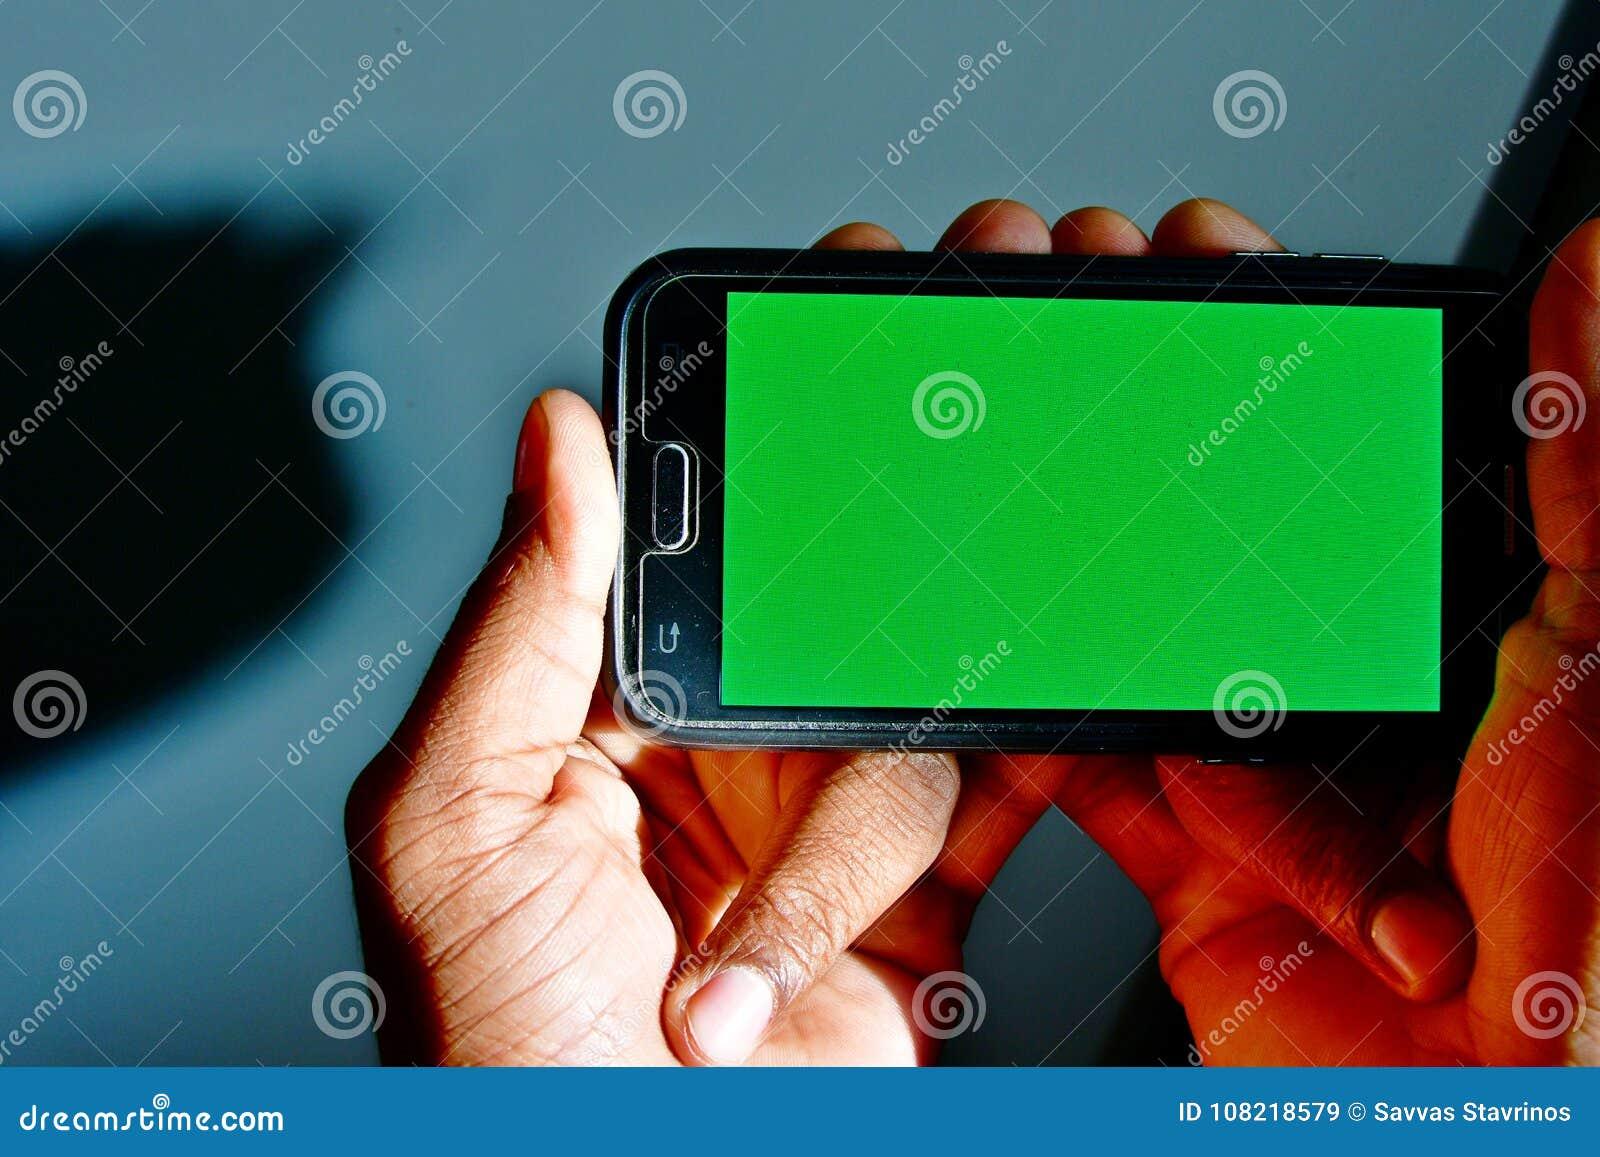 绿色使用的屏幕准备好背景作为背景或模板在网络设计